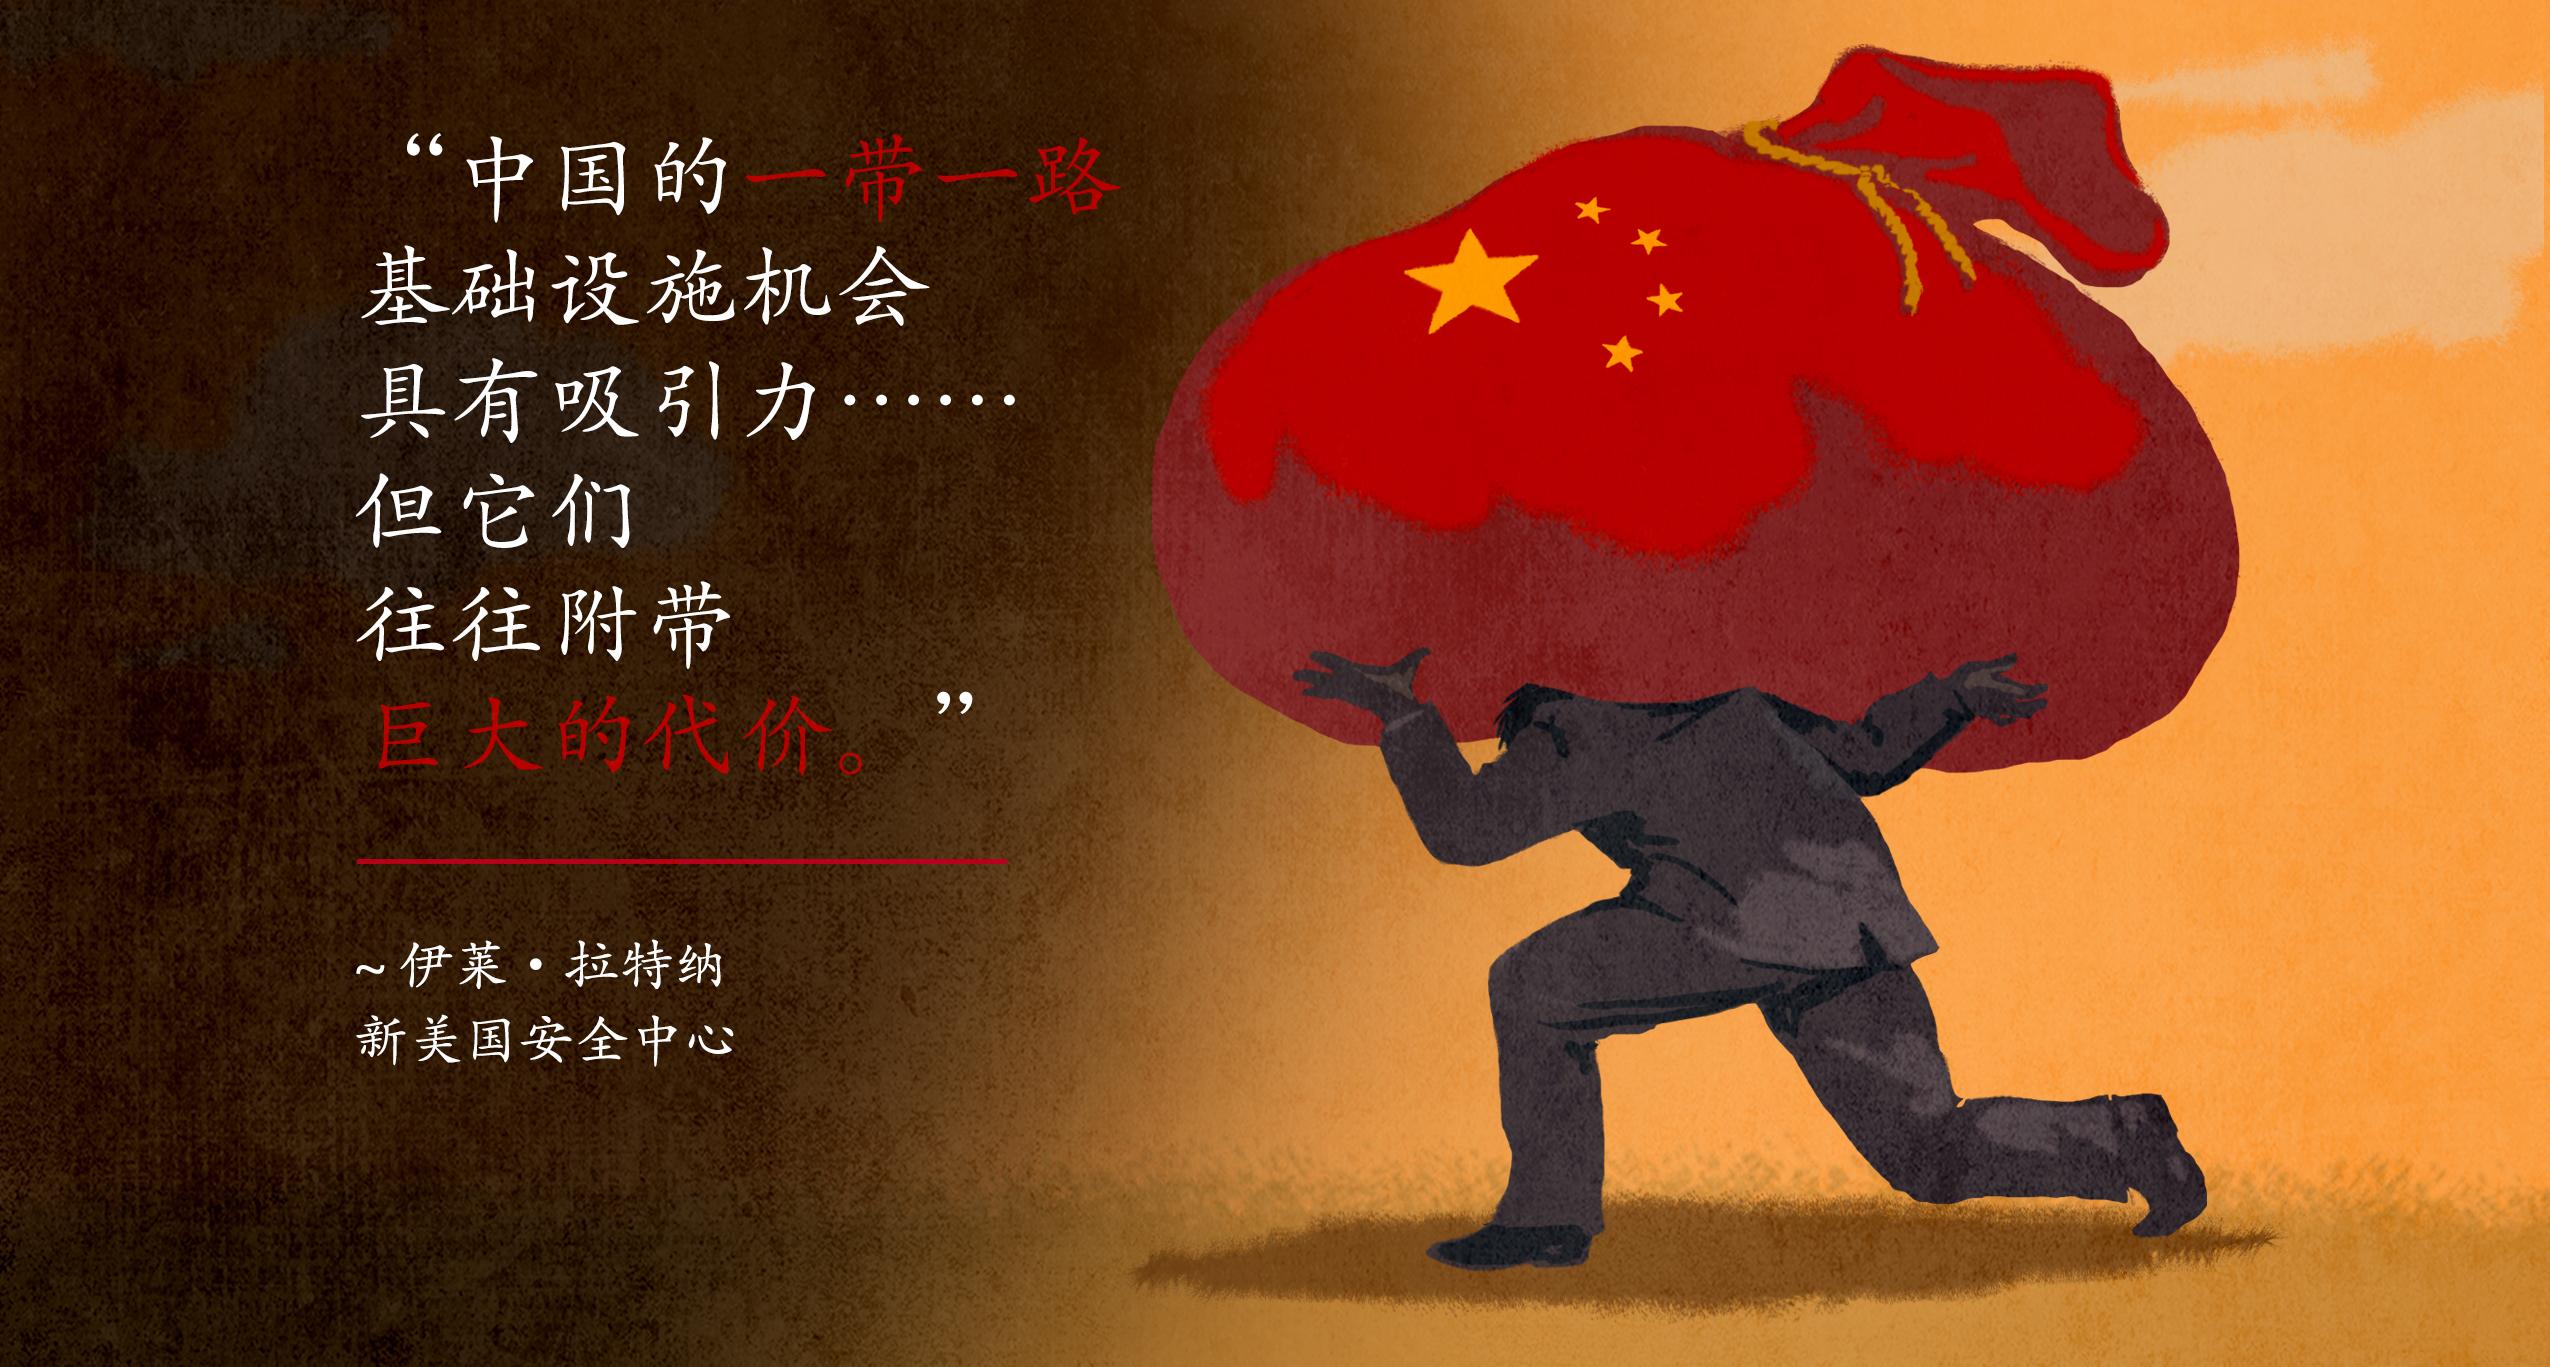 背负一大袋钱的人物图像以及有关中国的贷款所附带的代价的引语(State Dept./D. Thompson)